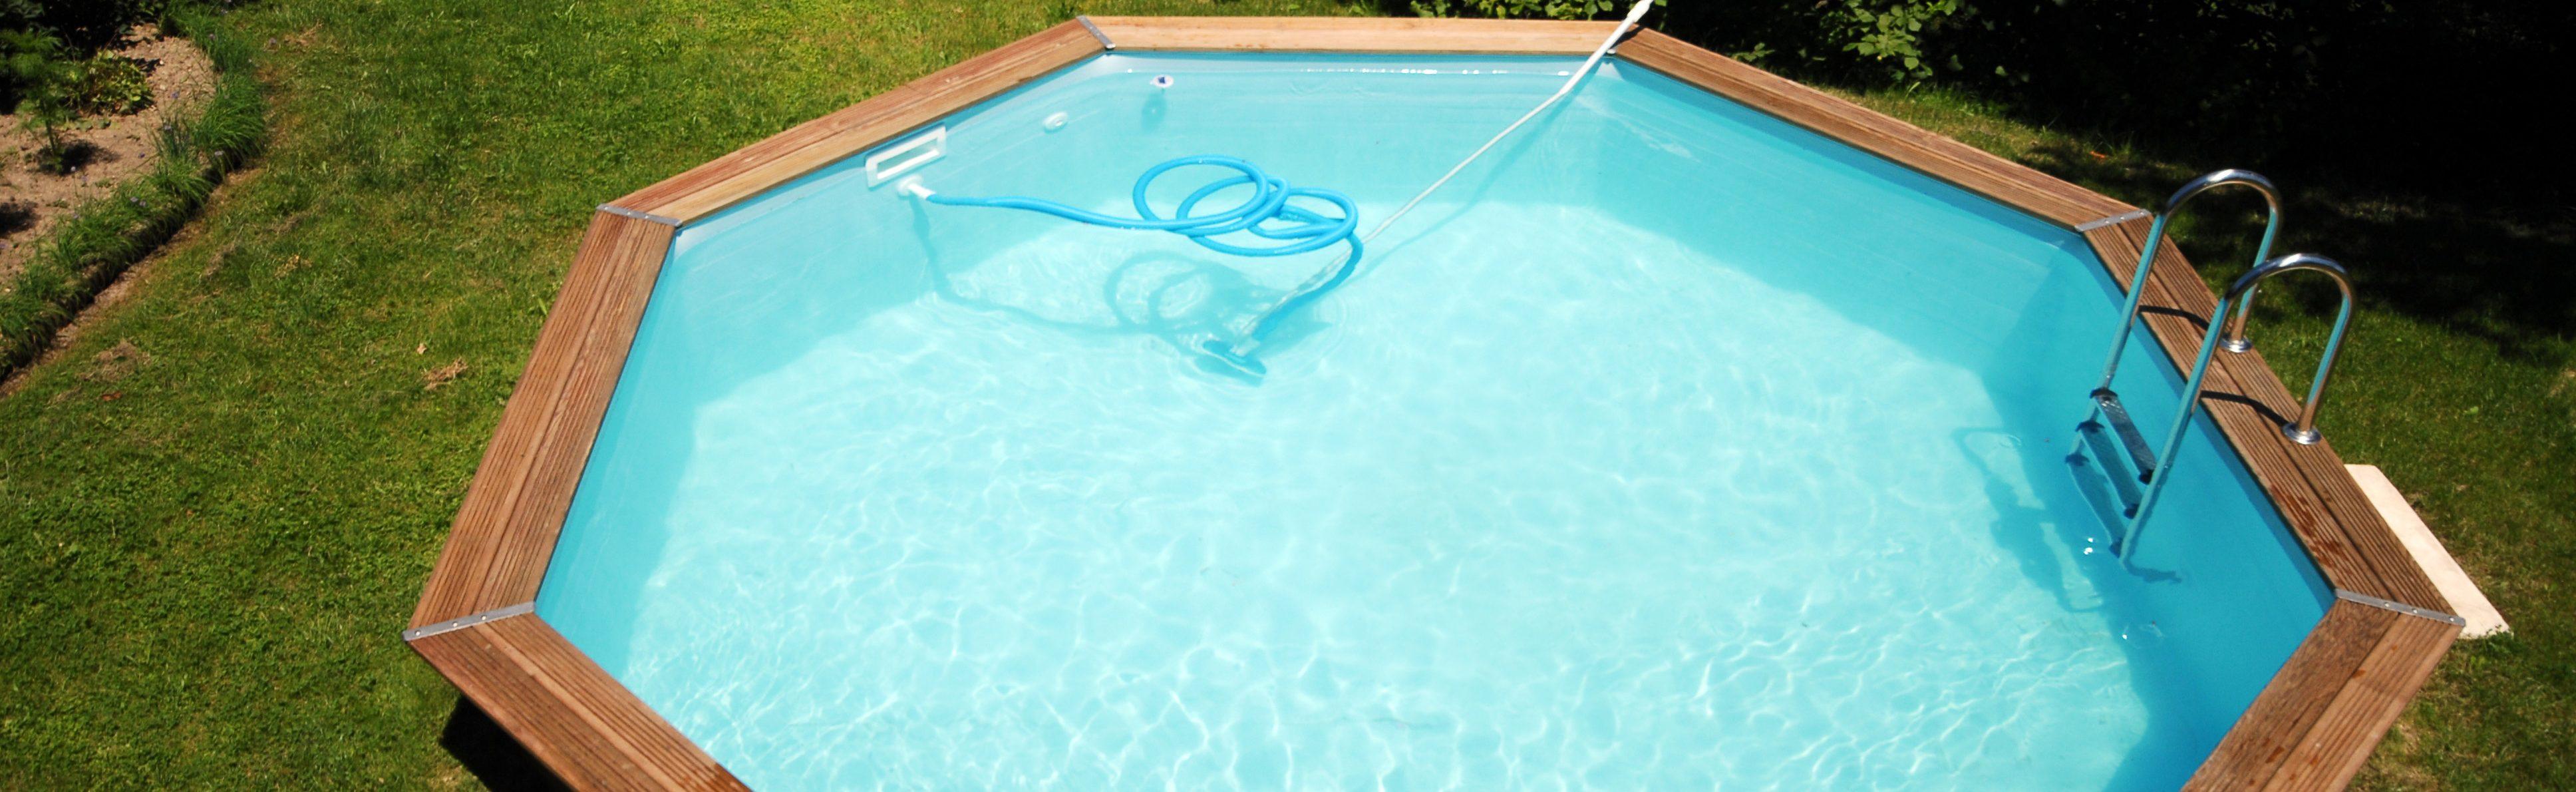 paisseur d une dalle b ton pour piscine hors sol tout sur le b ton